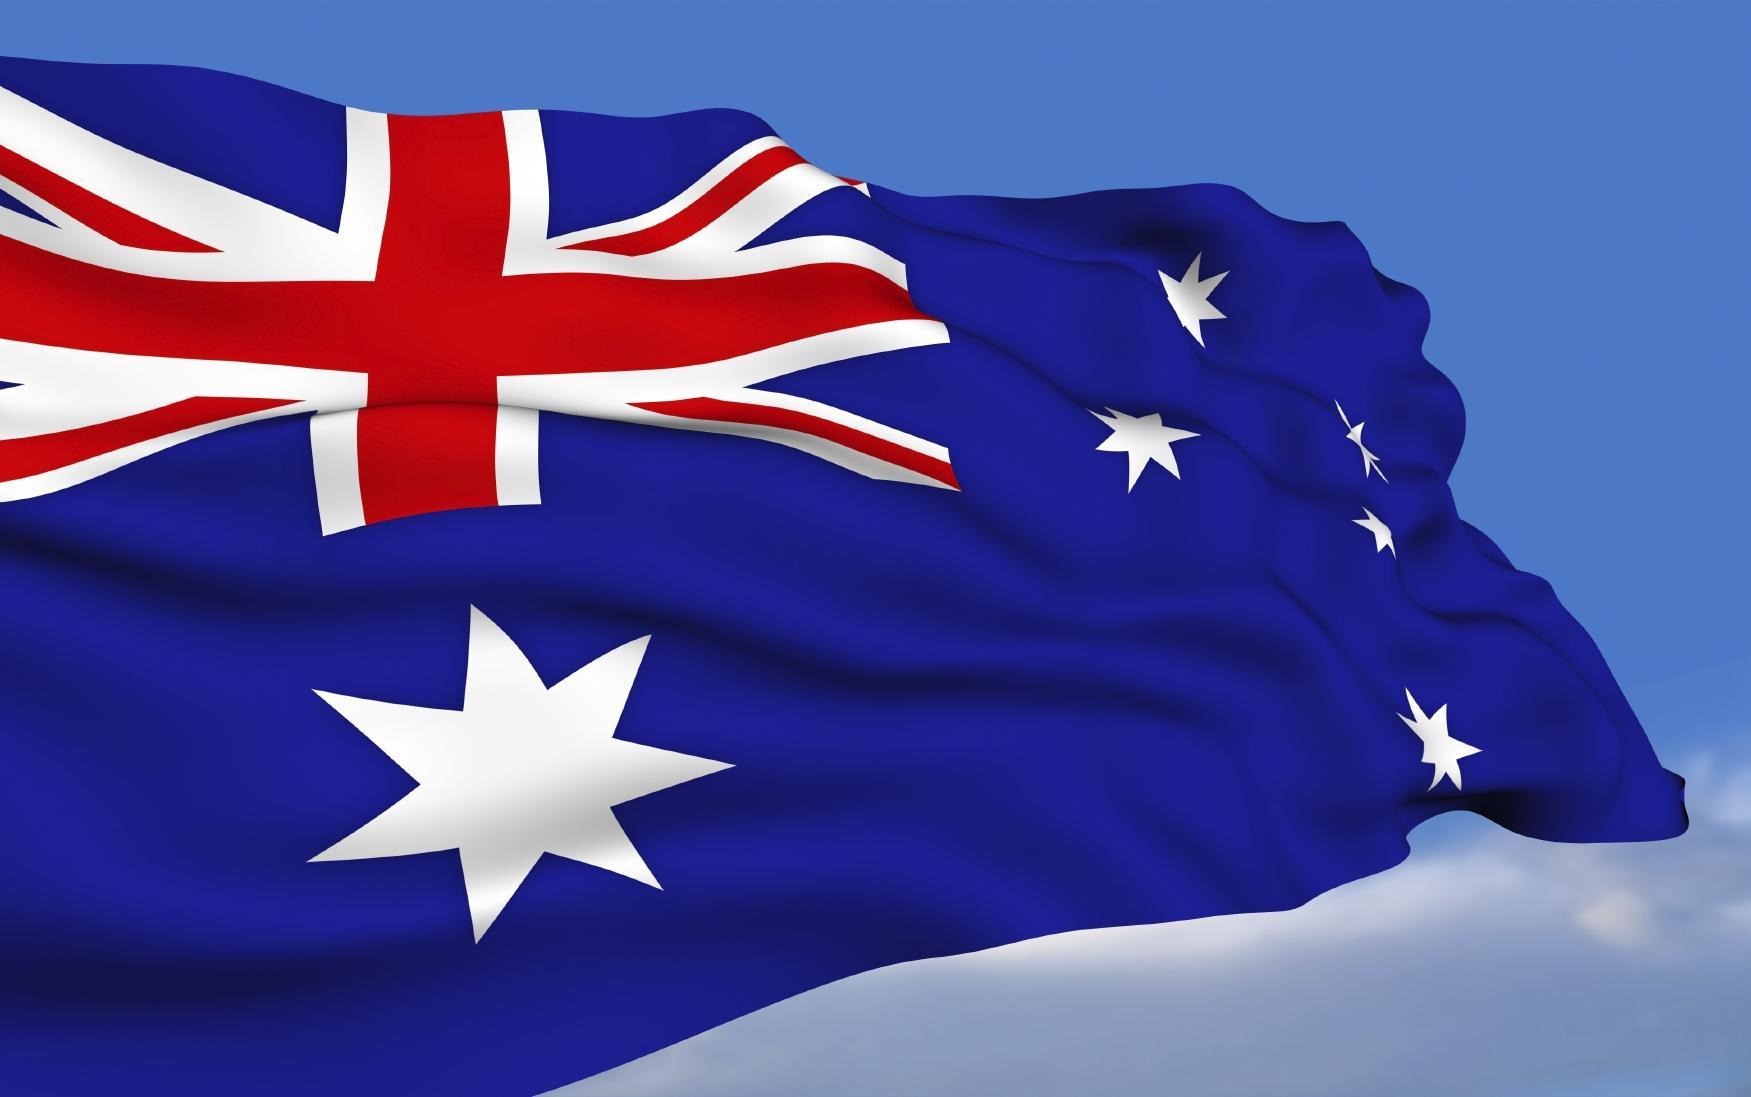 نيجرفان البارزاني يلتقي بسفيرةِ استراليا الجديدة لدى العراق جوان لاونس